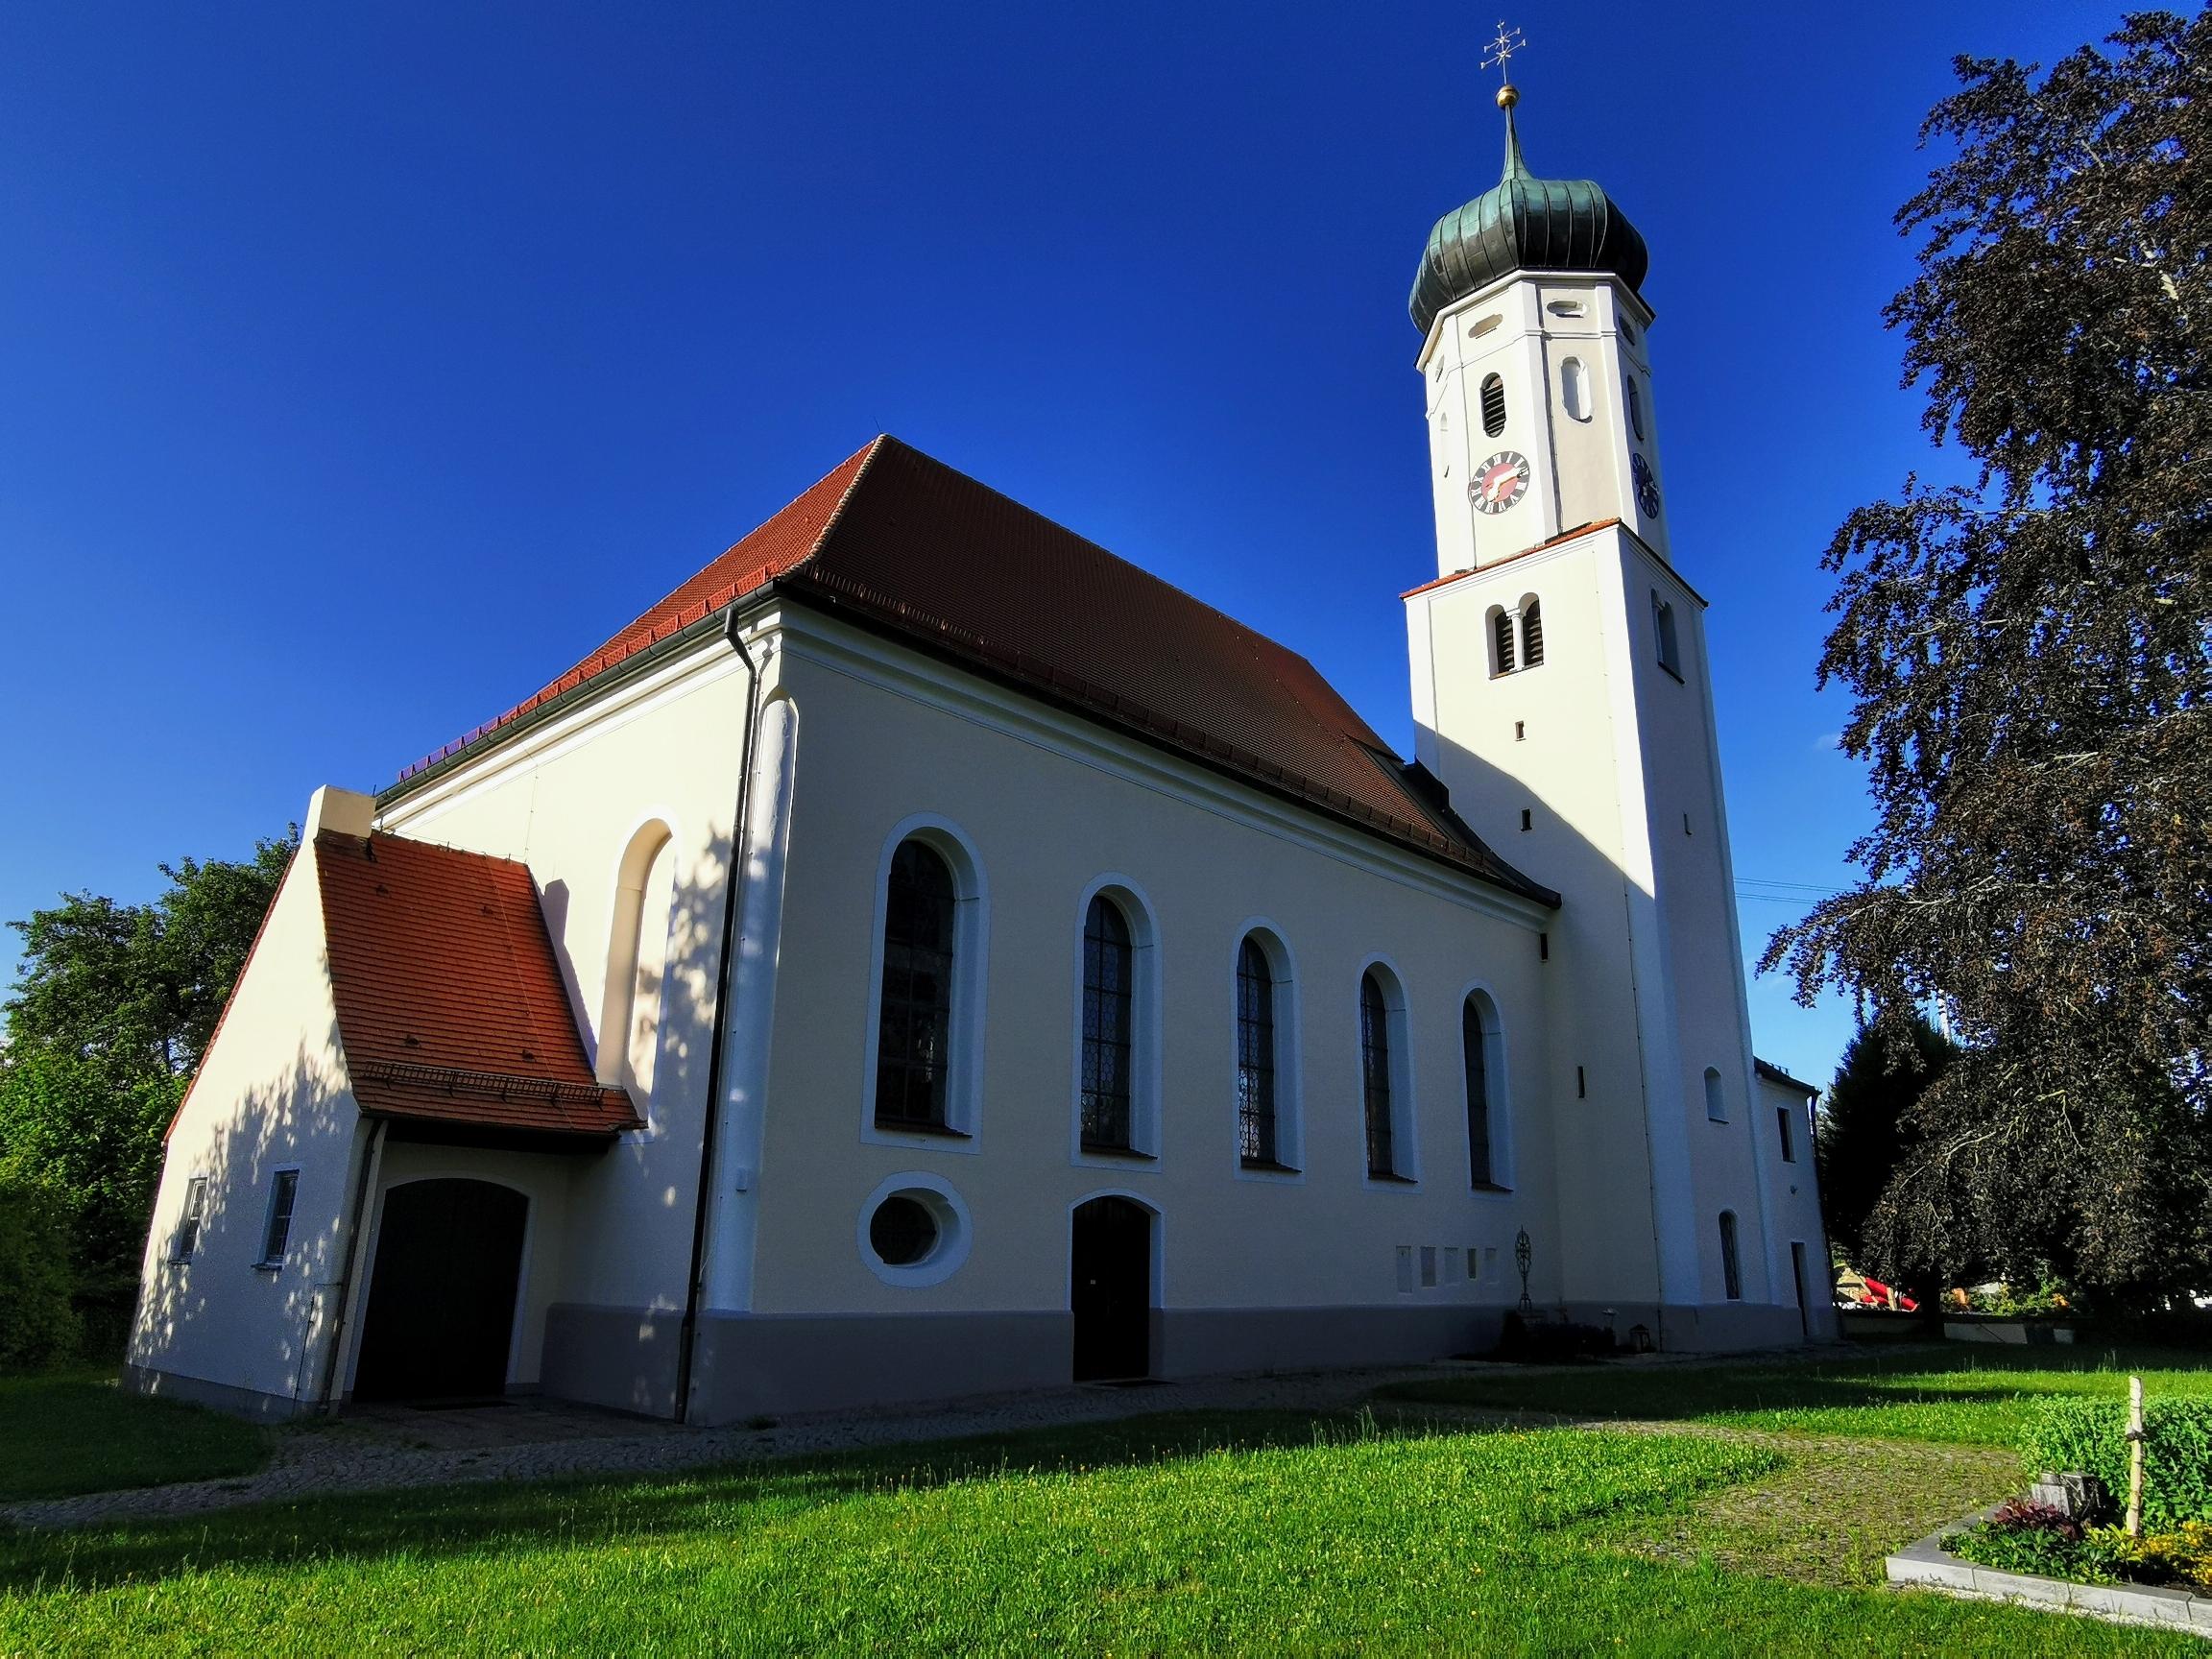 St. Blasius Wiesenbach